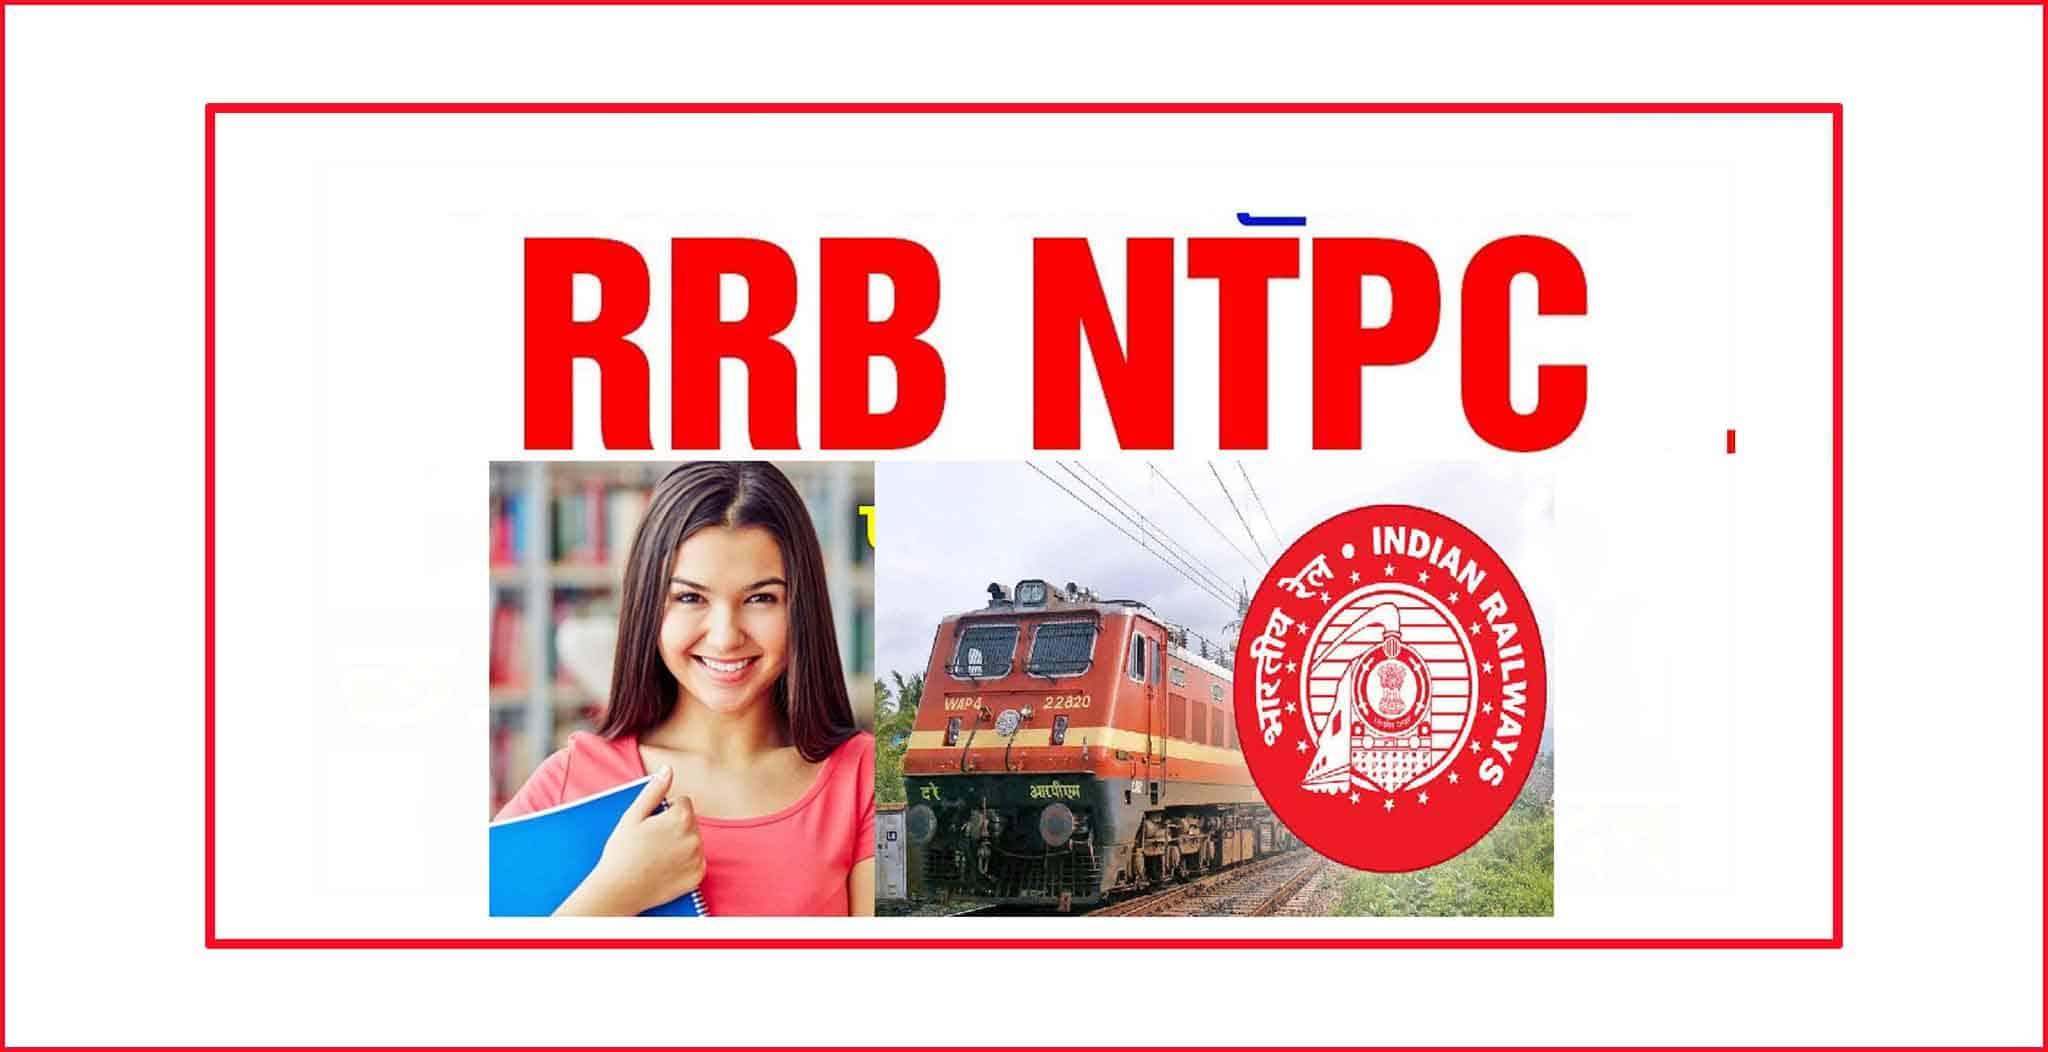 Photo of RRB NTPC Exam 2020 रेलवे एनटीपीसी भर्ती का एप्लीकेशन स्टेटस का लिंक एक्टिवेट, ऐसे चेक करें स्टेट्स